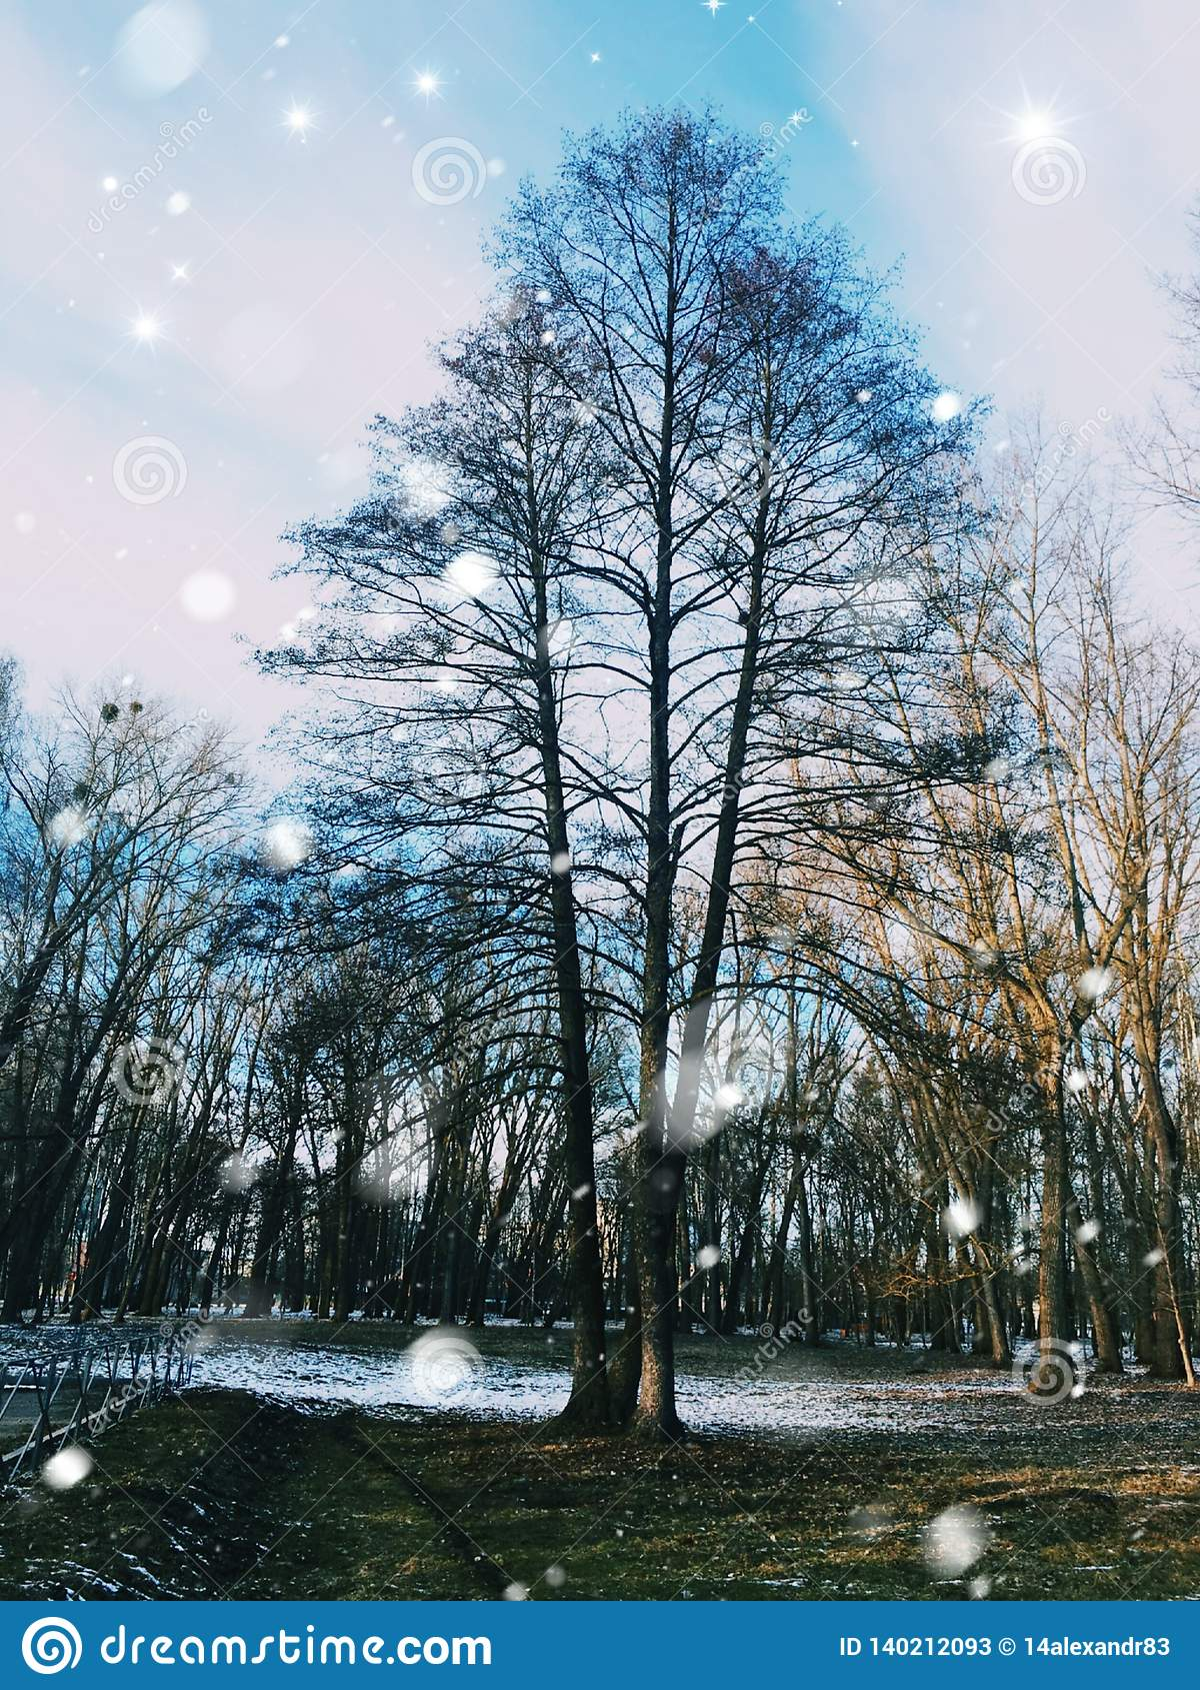 Der Baum steht im Wald allein